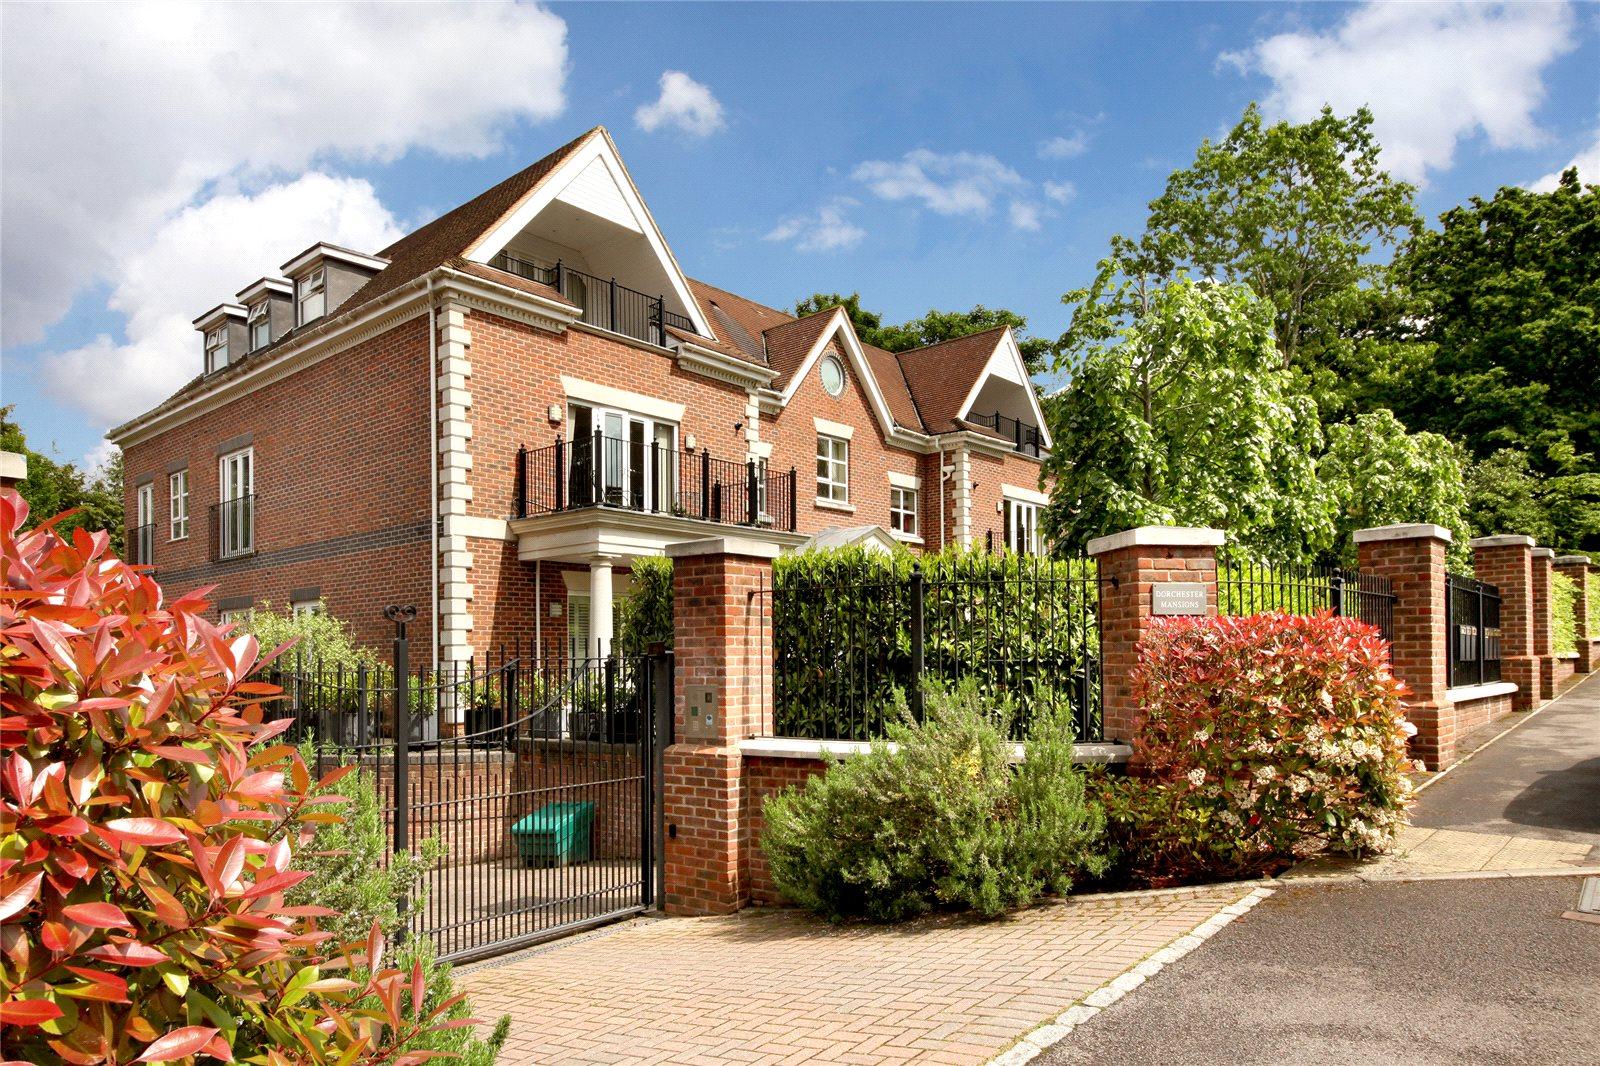 公寓 为 销售 在 Dorchester Mansions, Cross Road, Sunningdale, Berkshire, SL5 Sunningdale, 英格兰